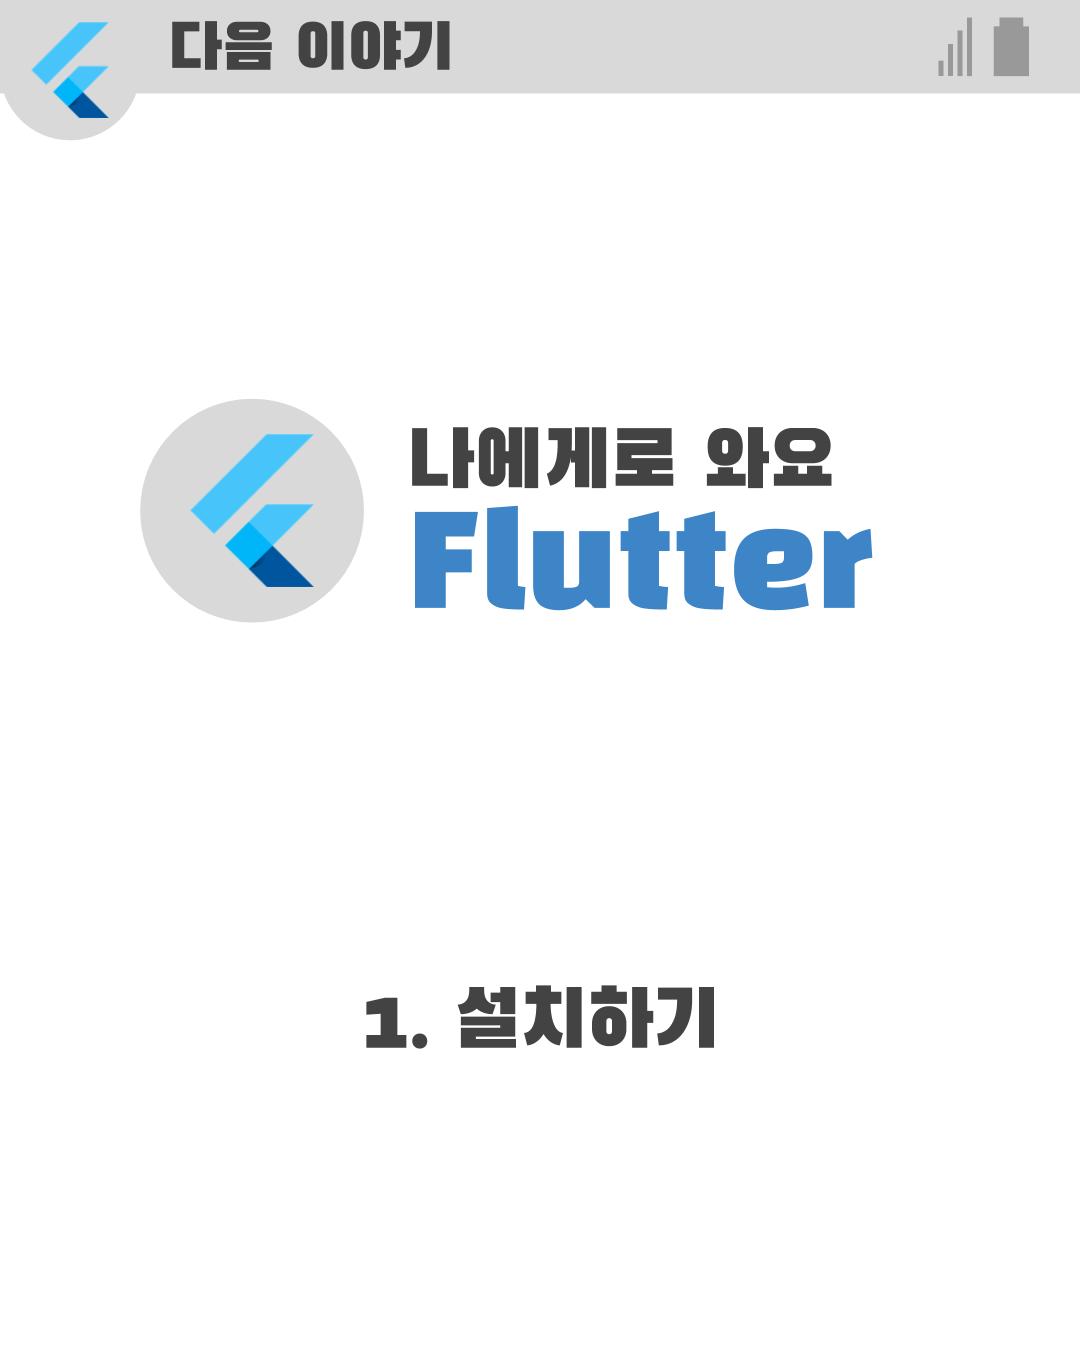 0.Flutter란_7.png